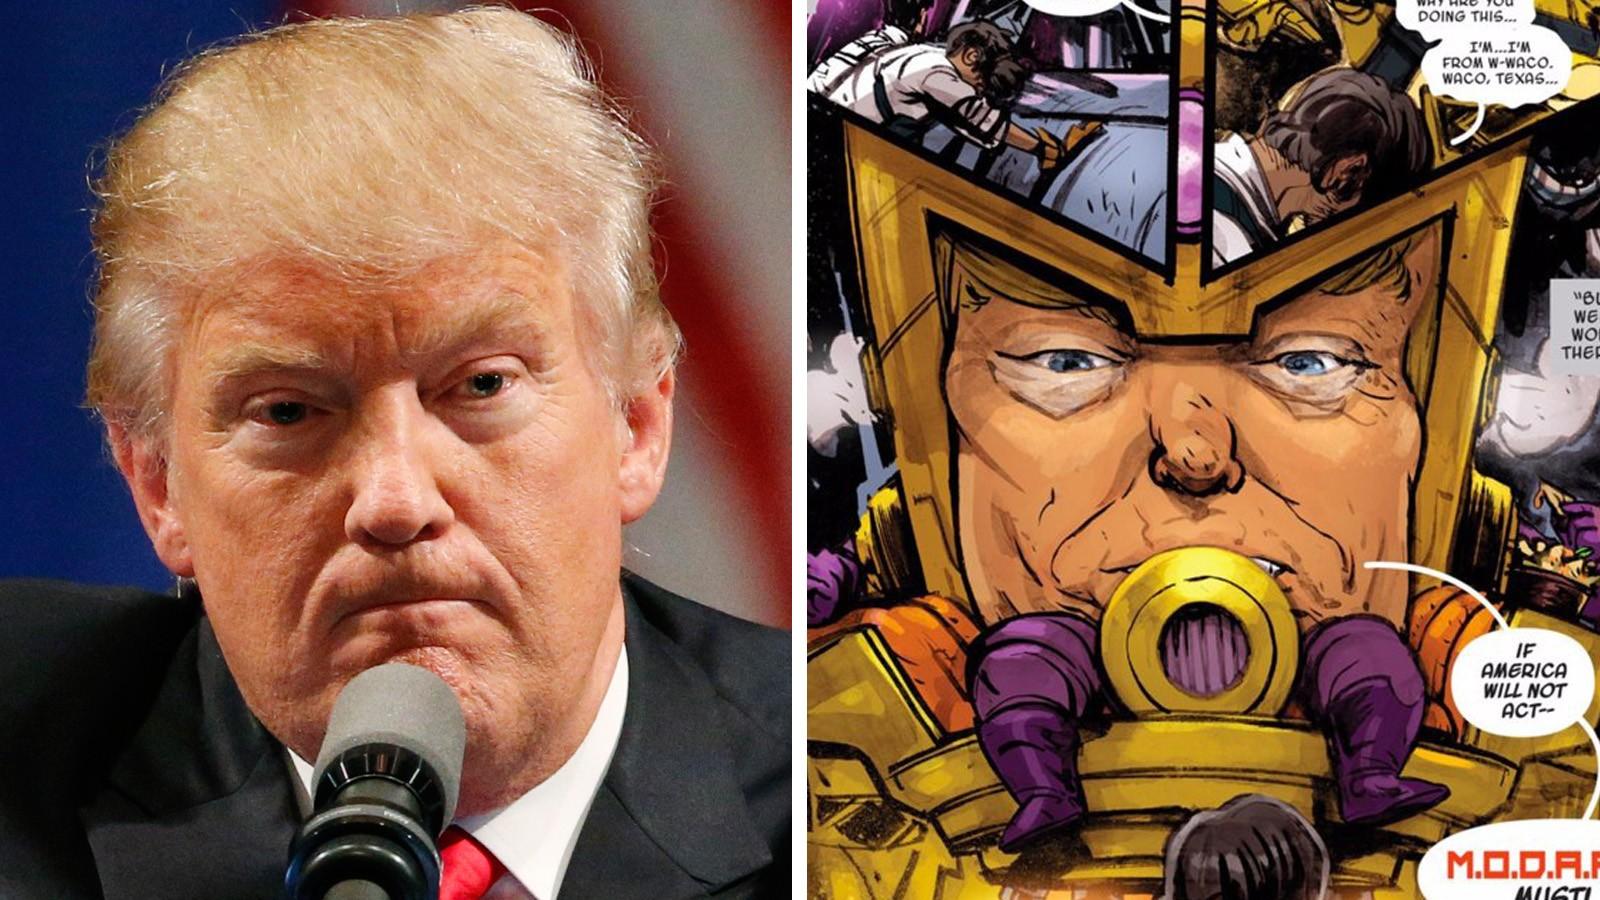 TEGNESERIE: Tegneserier er jo en slags kunstform, og tidligere i juli dukket det opp en skurk som var skremmende lik Donald Trump i tegneserieheftet «Spider Gwen».